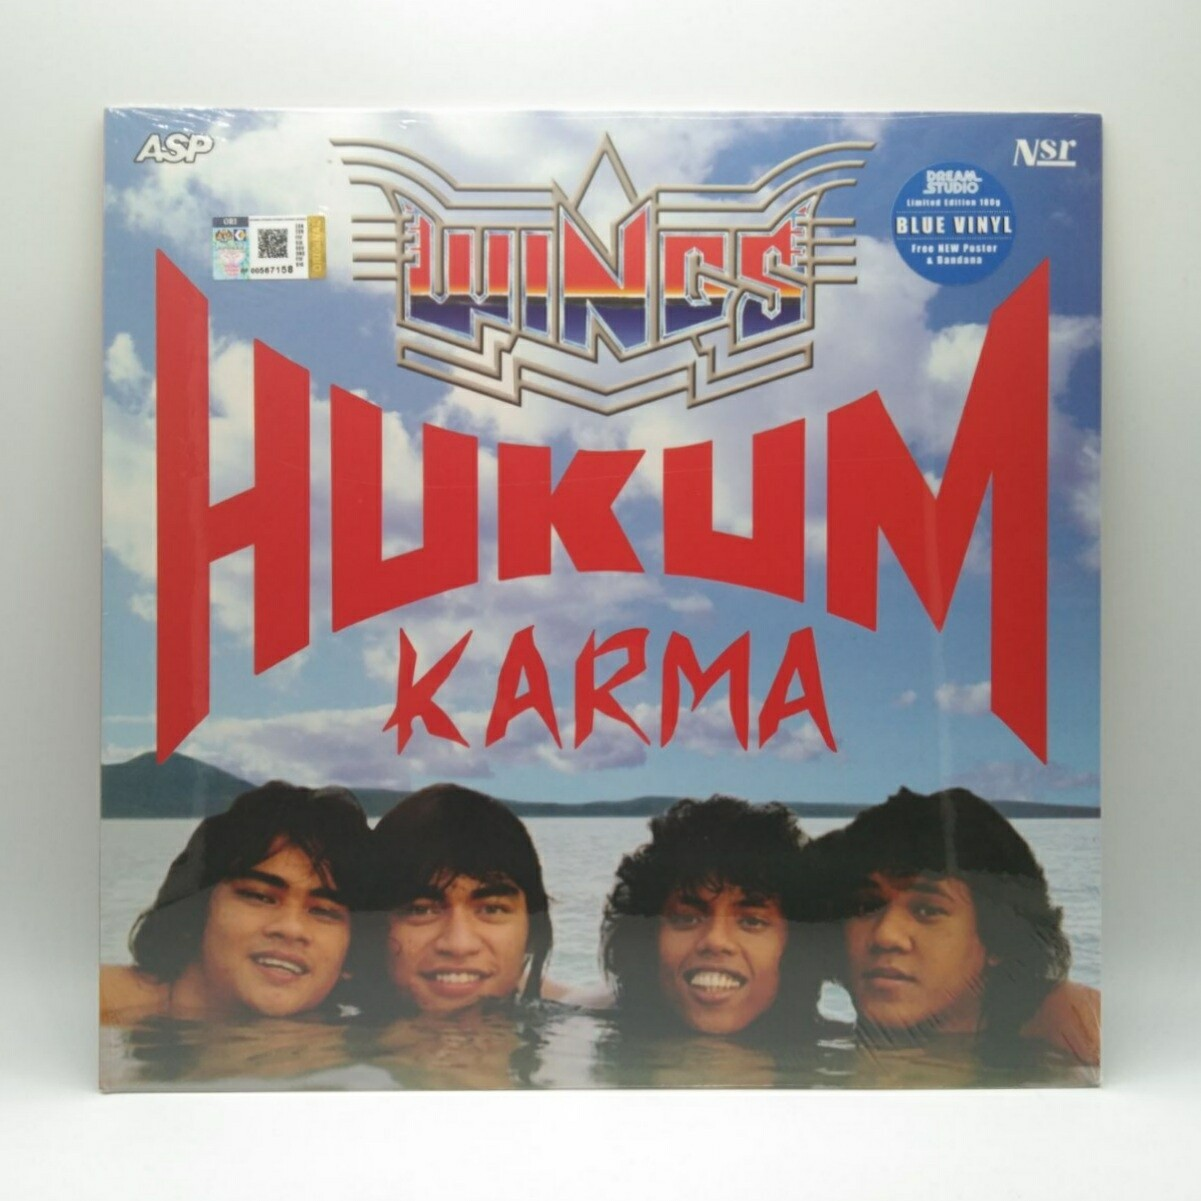 WINGS -HUKUM KARMA- LP (BLUE VINYL)